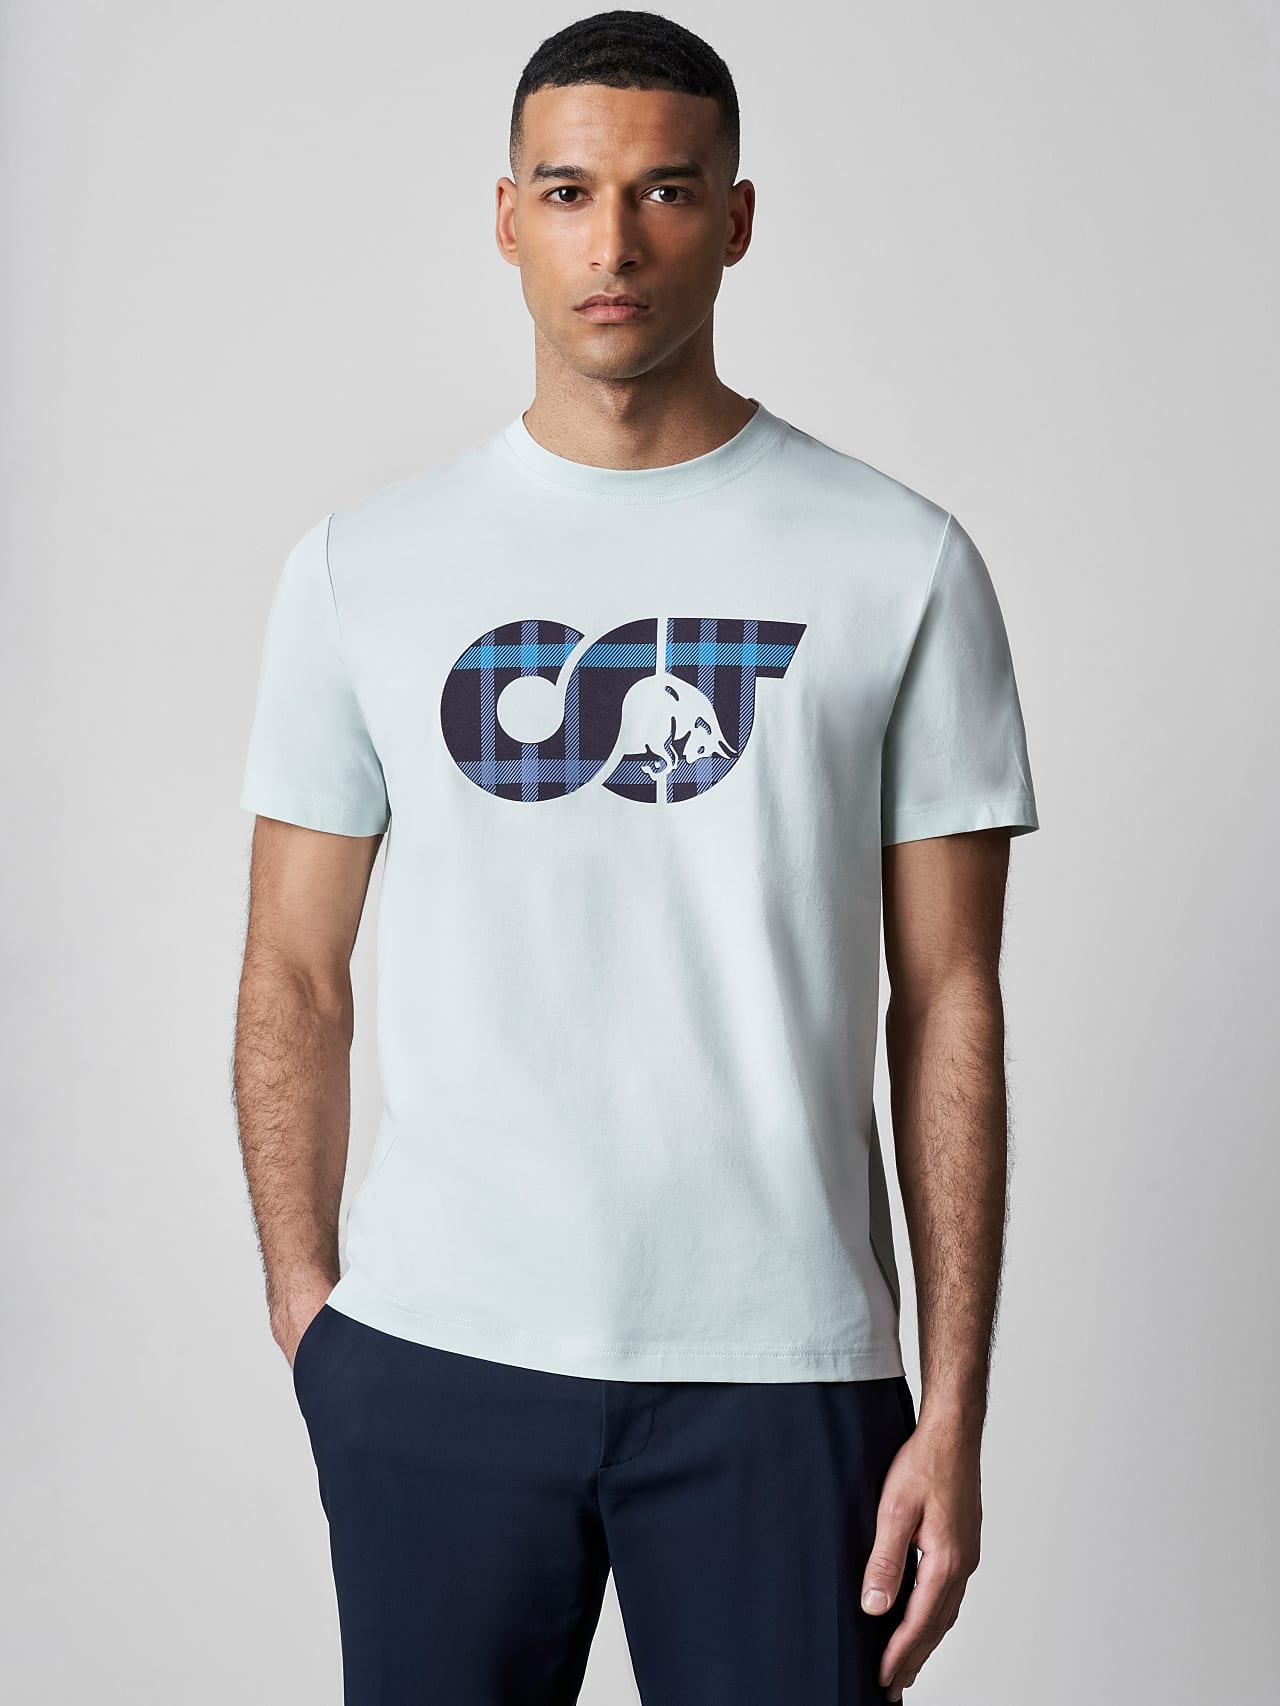 JABIS V1.Y5.02 Logo Print T-Shirt Pale Blue  Model shot Alpha Tauri